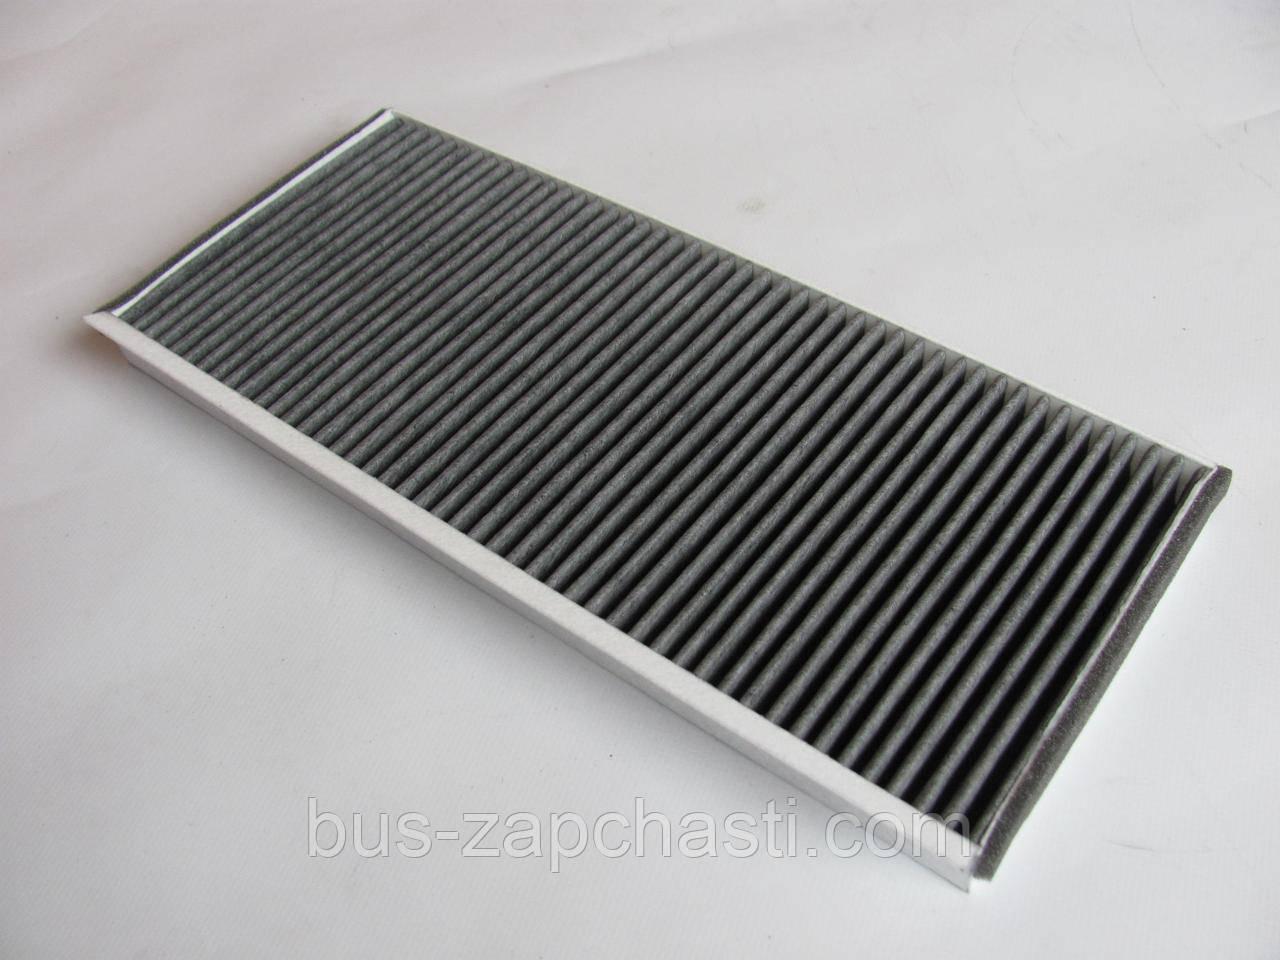 Фильтр салона (угольный) MB Sprinter 208-416, VW LT 28-46 1996-2006 — MEYLE (Германия) — 012 320 0014